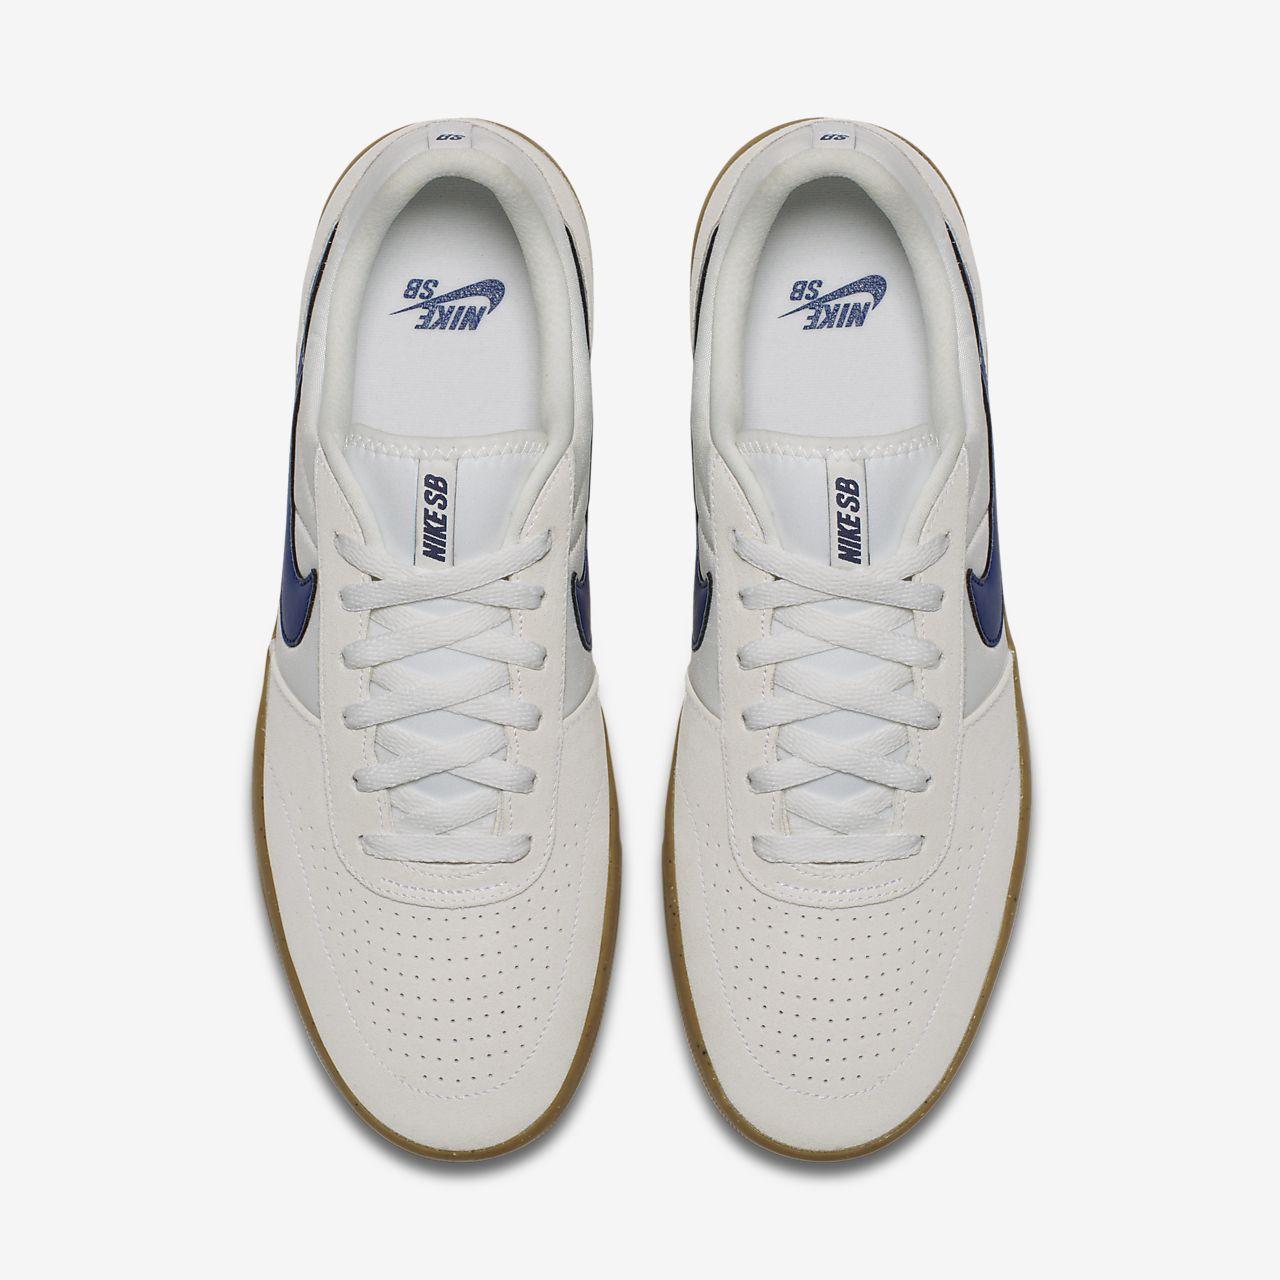 Vintage '80s NIKE 'BRUIN' Sneakers sz 8.5 mens by